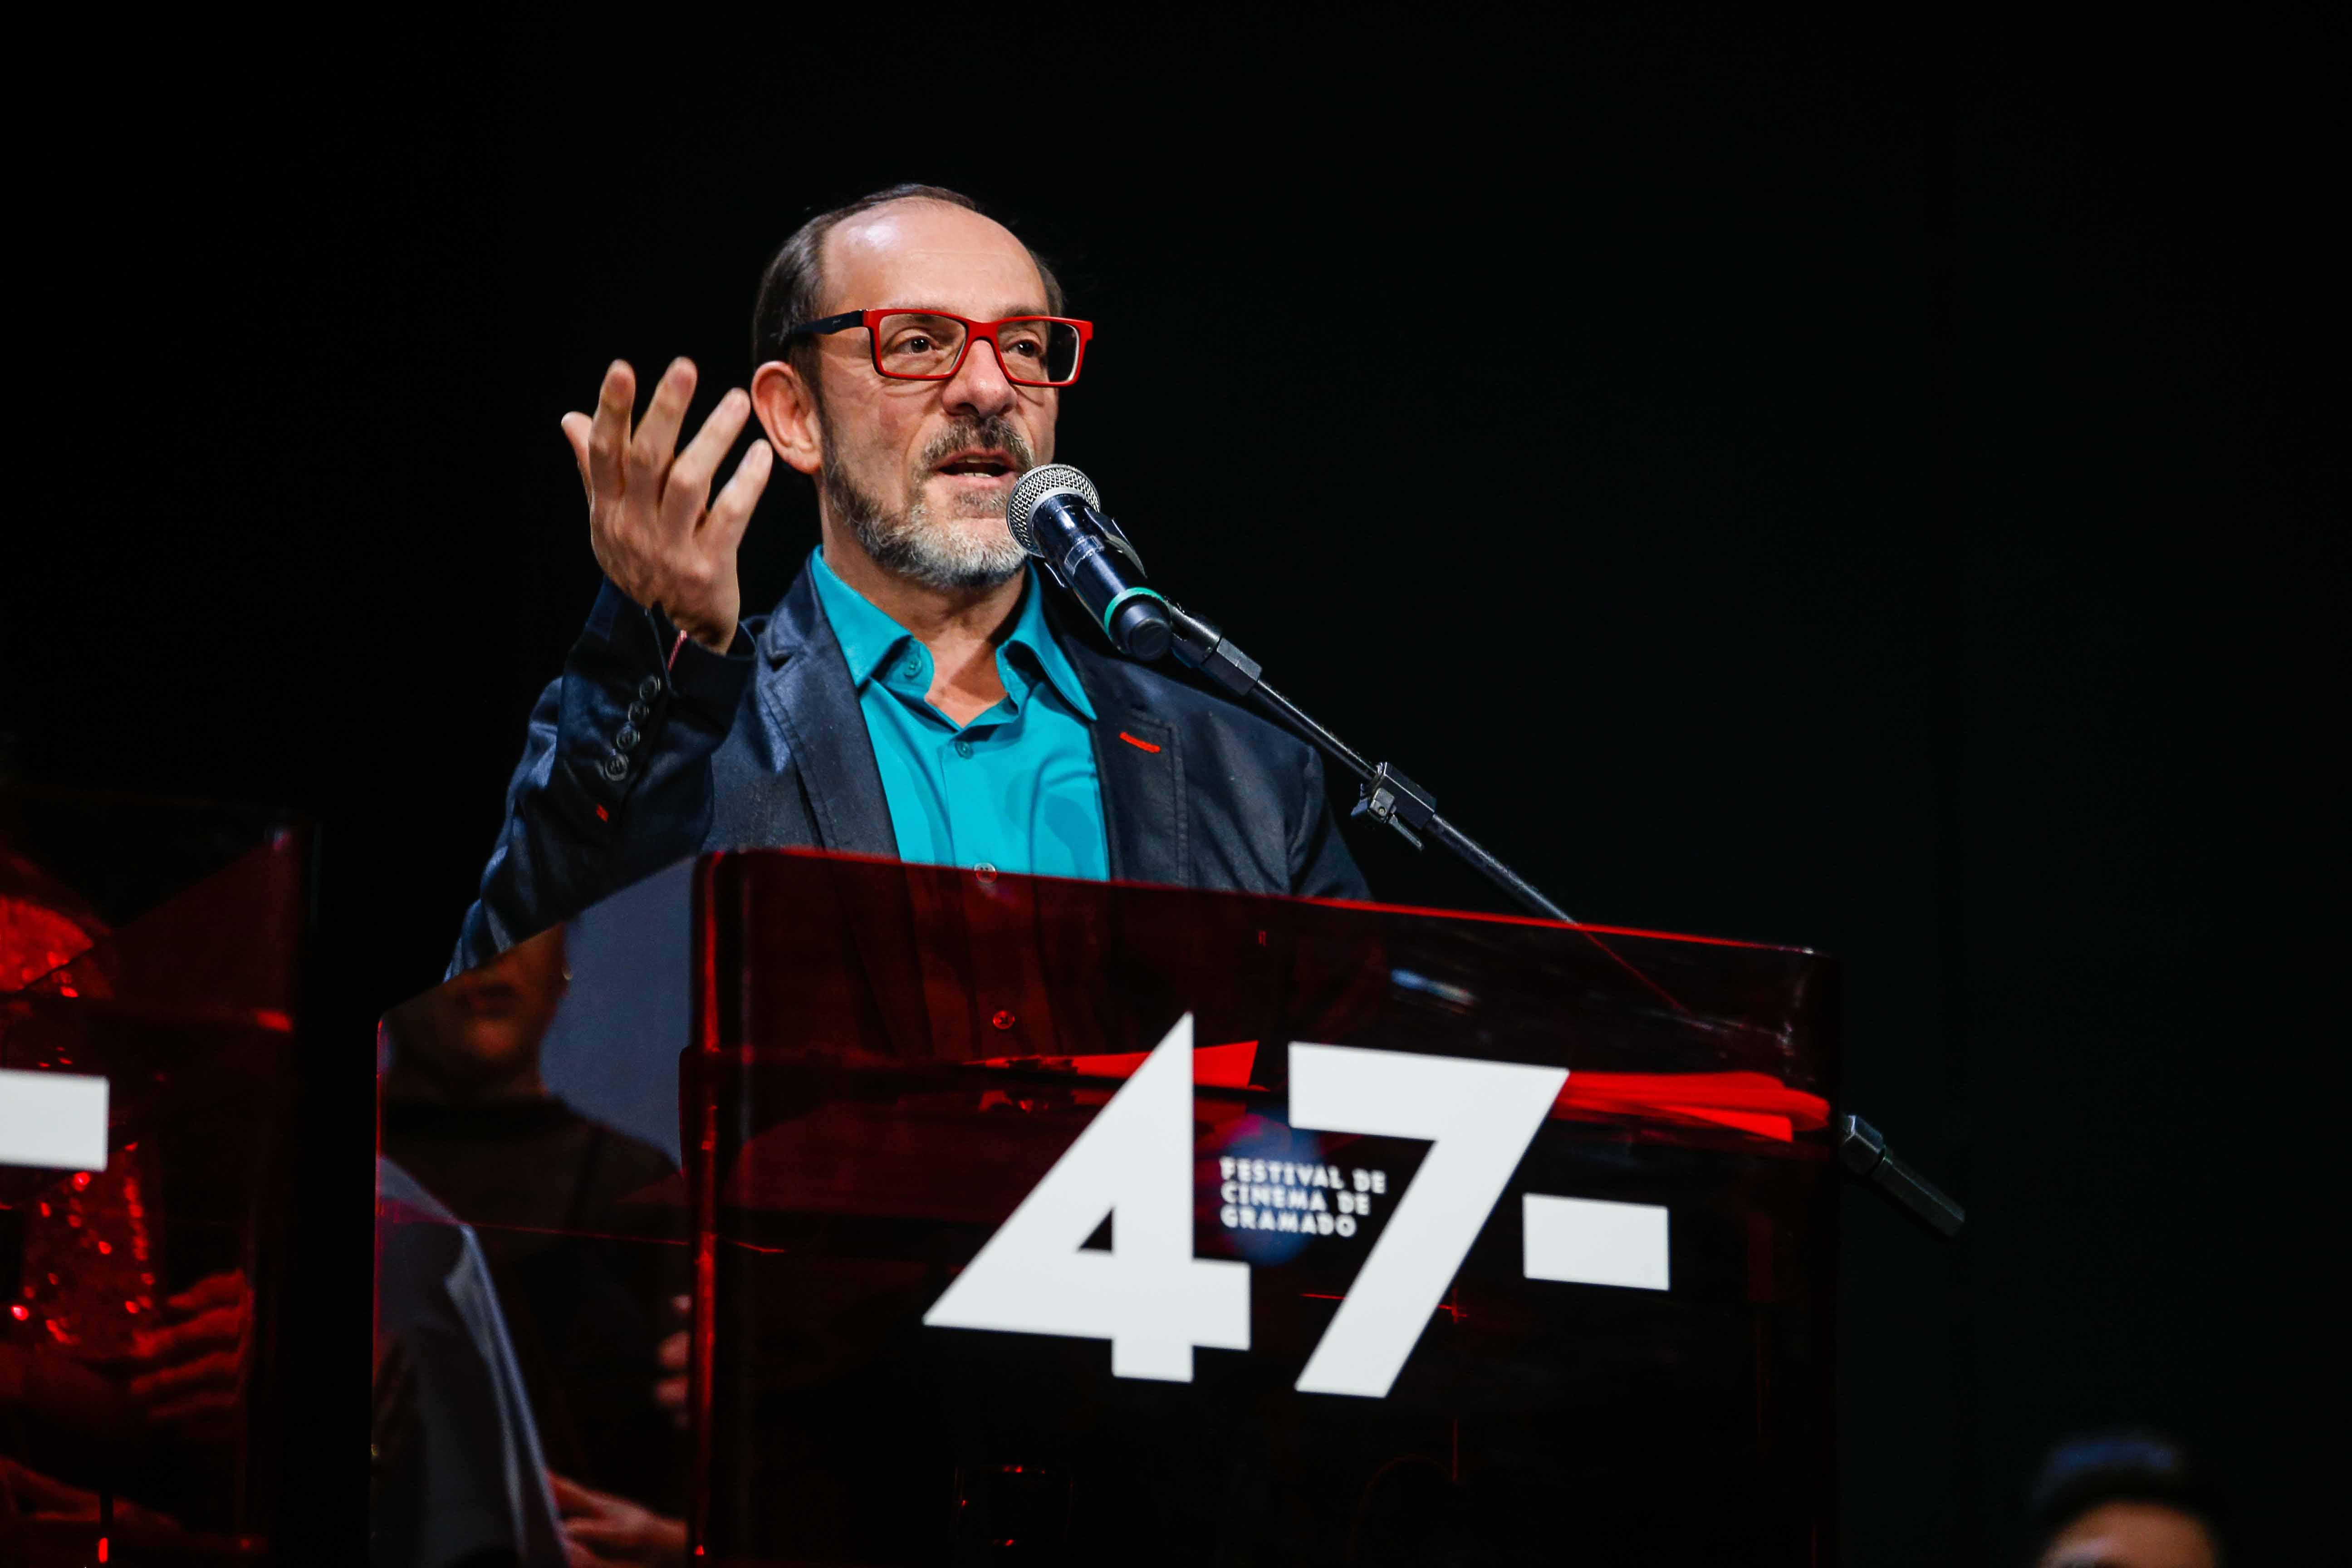 Santuario durante o 47º Festival de Cinema de Gramado